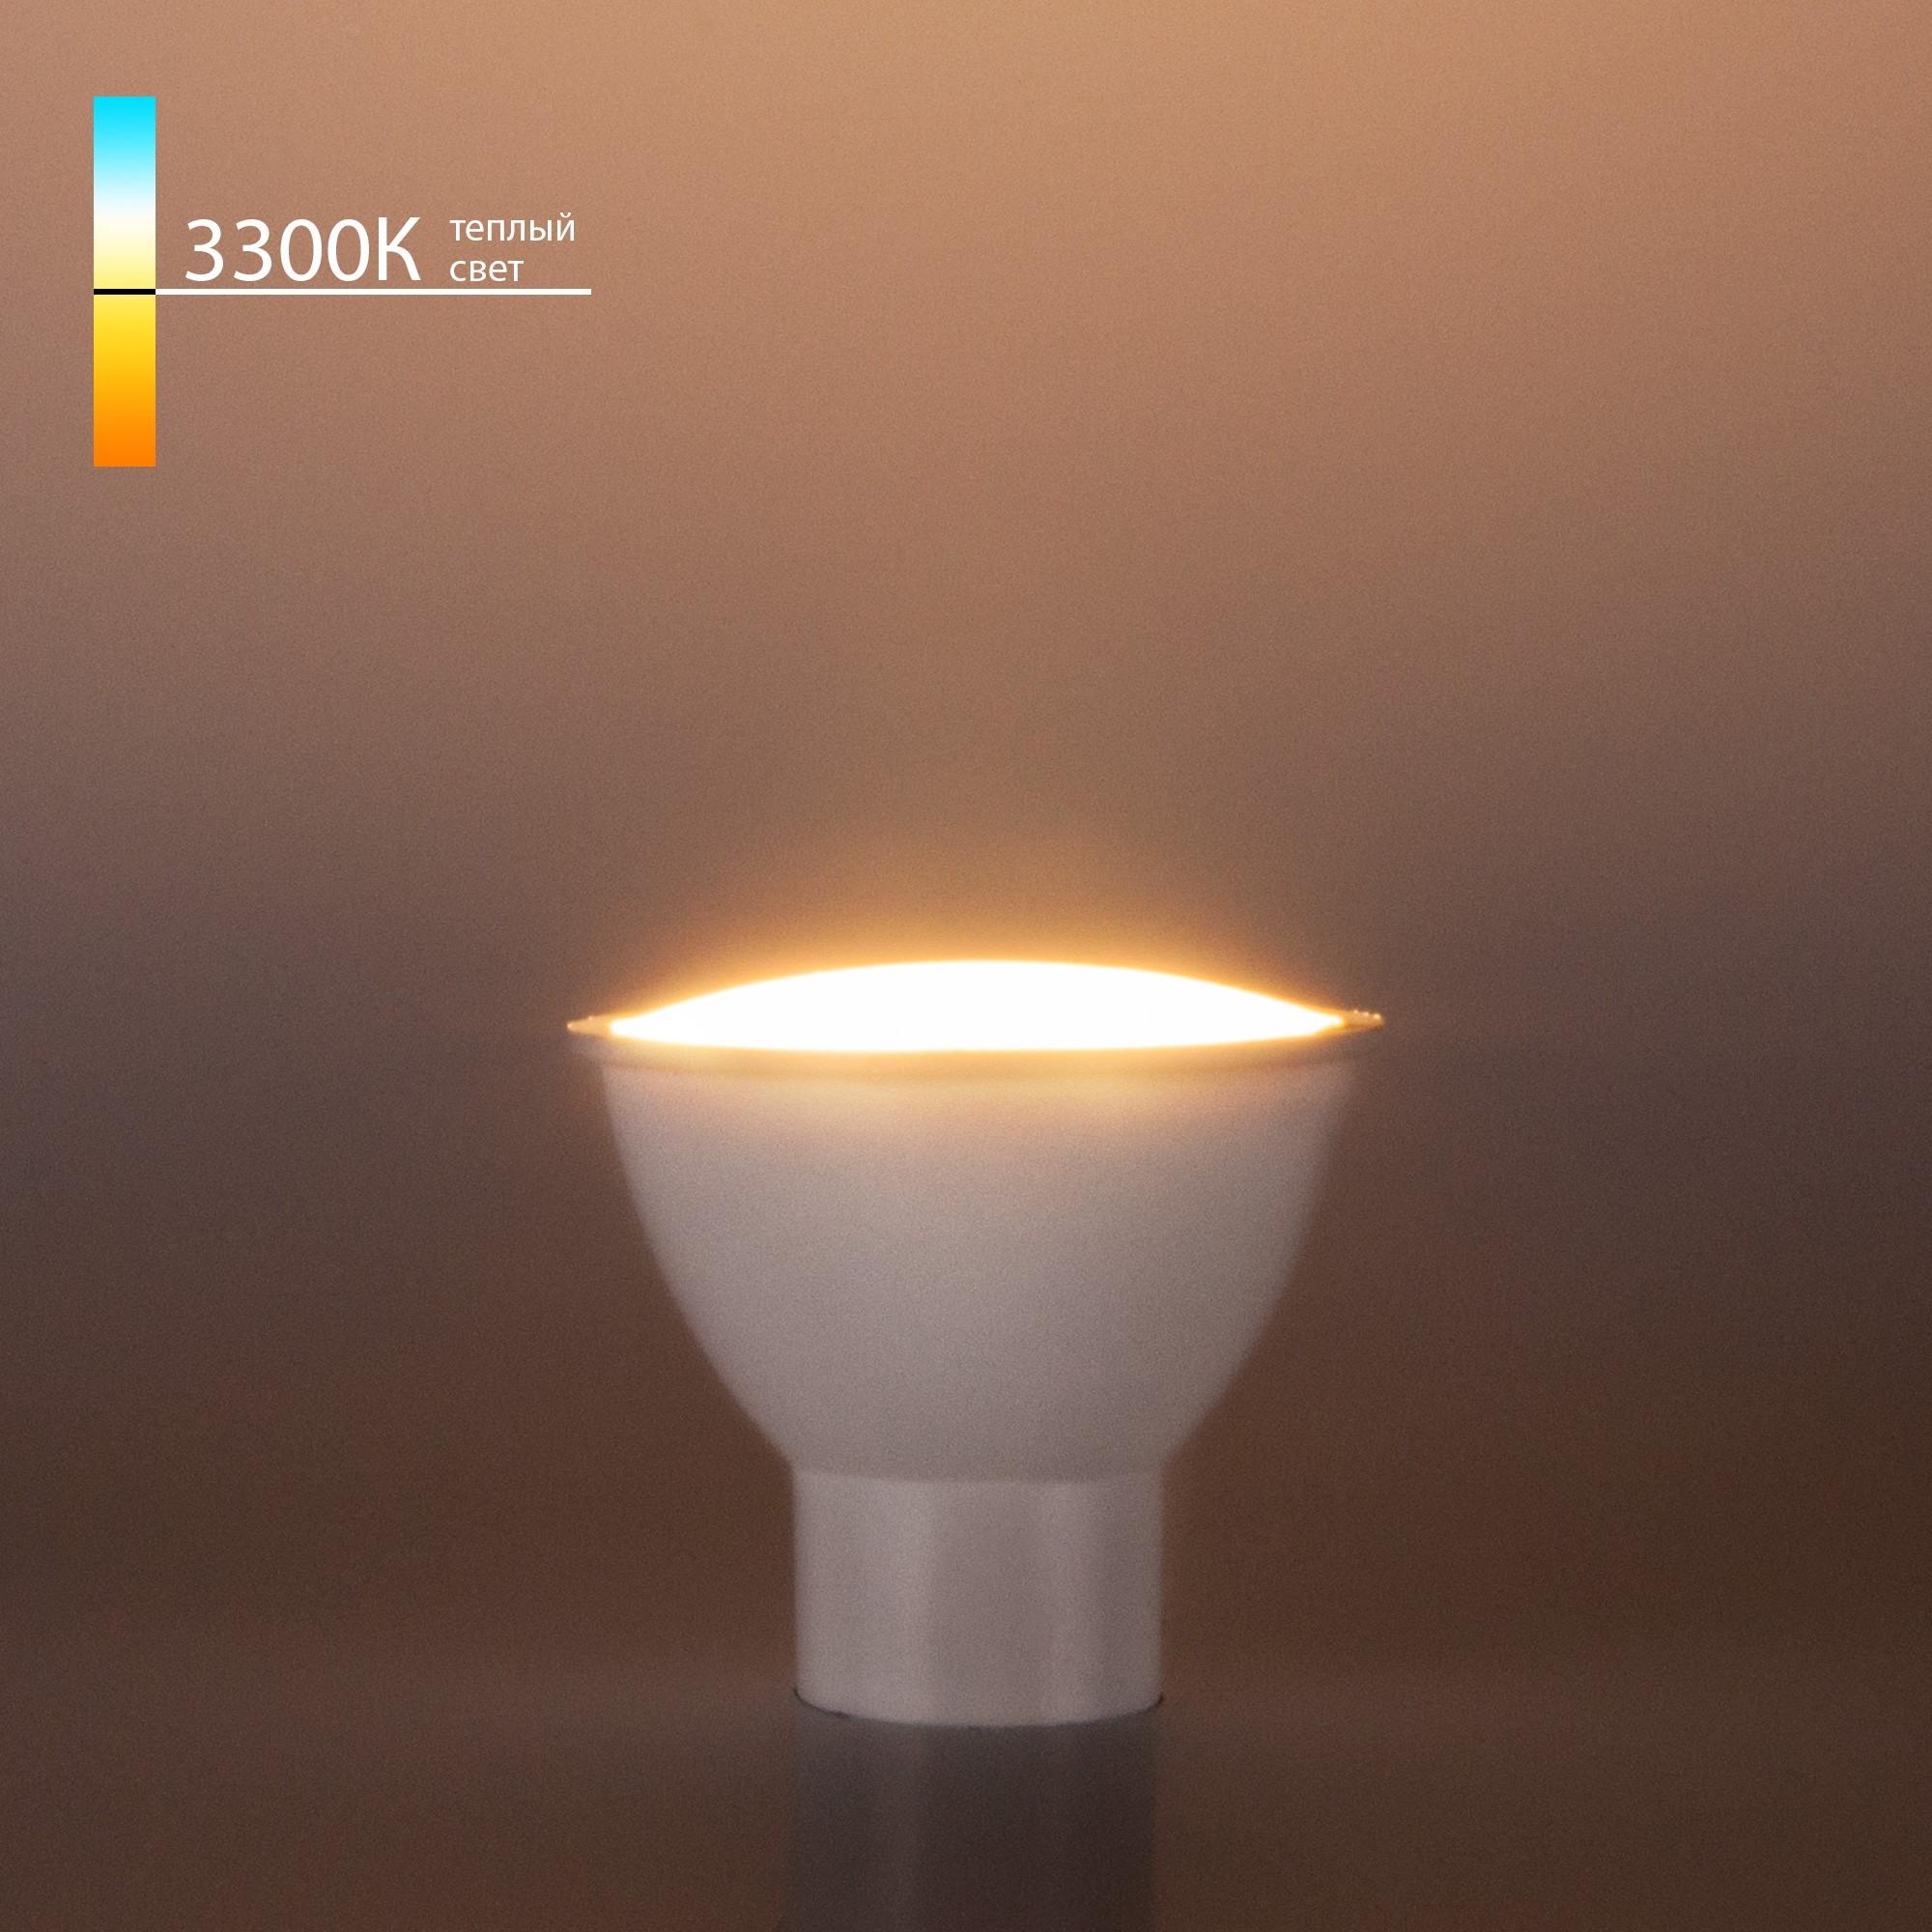 GU10 LED 7W 3300K (BLGU1005)